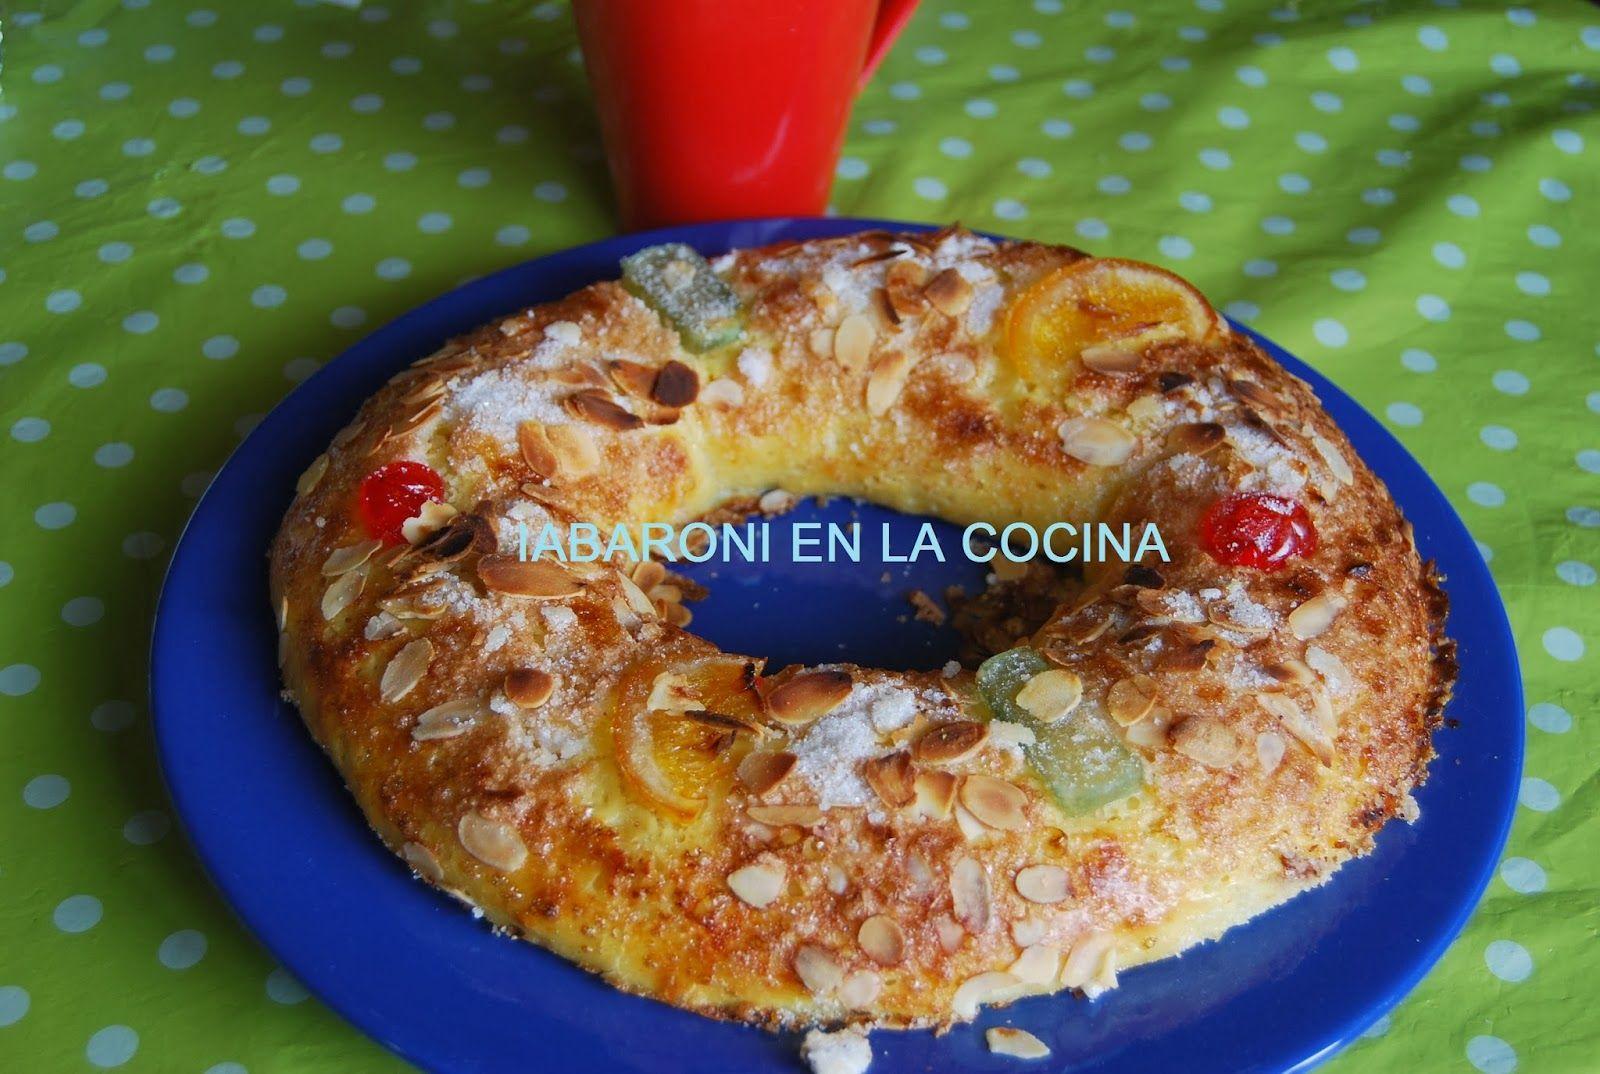 Iabaroni En La Cocina 3º Roscon De Reyes Sin Gluten Mix Pan Yuca Y Maizena Sin Gluten Recetas De Comida Roscón De Reyes